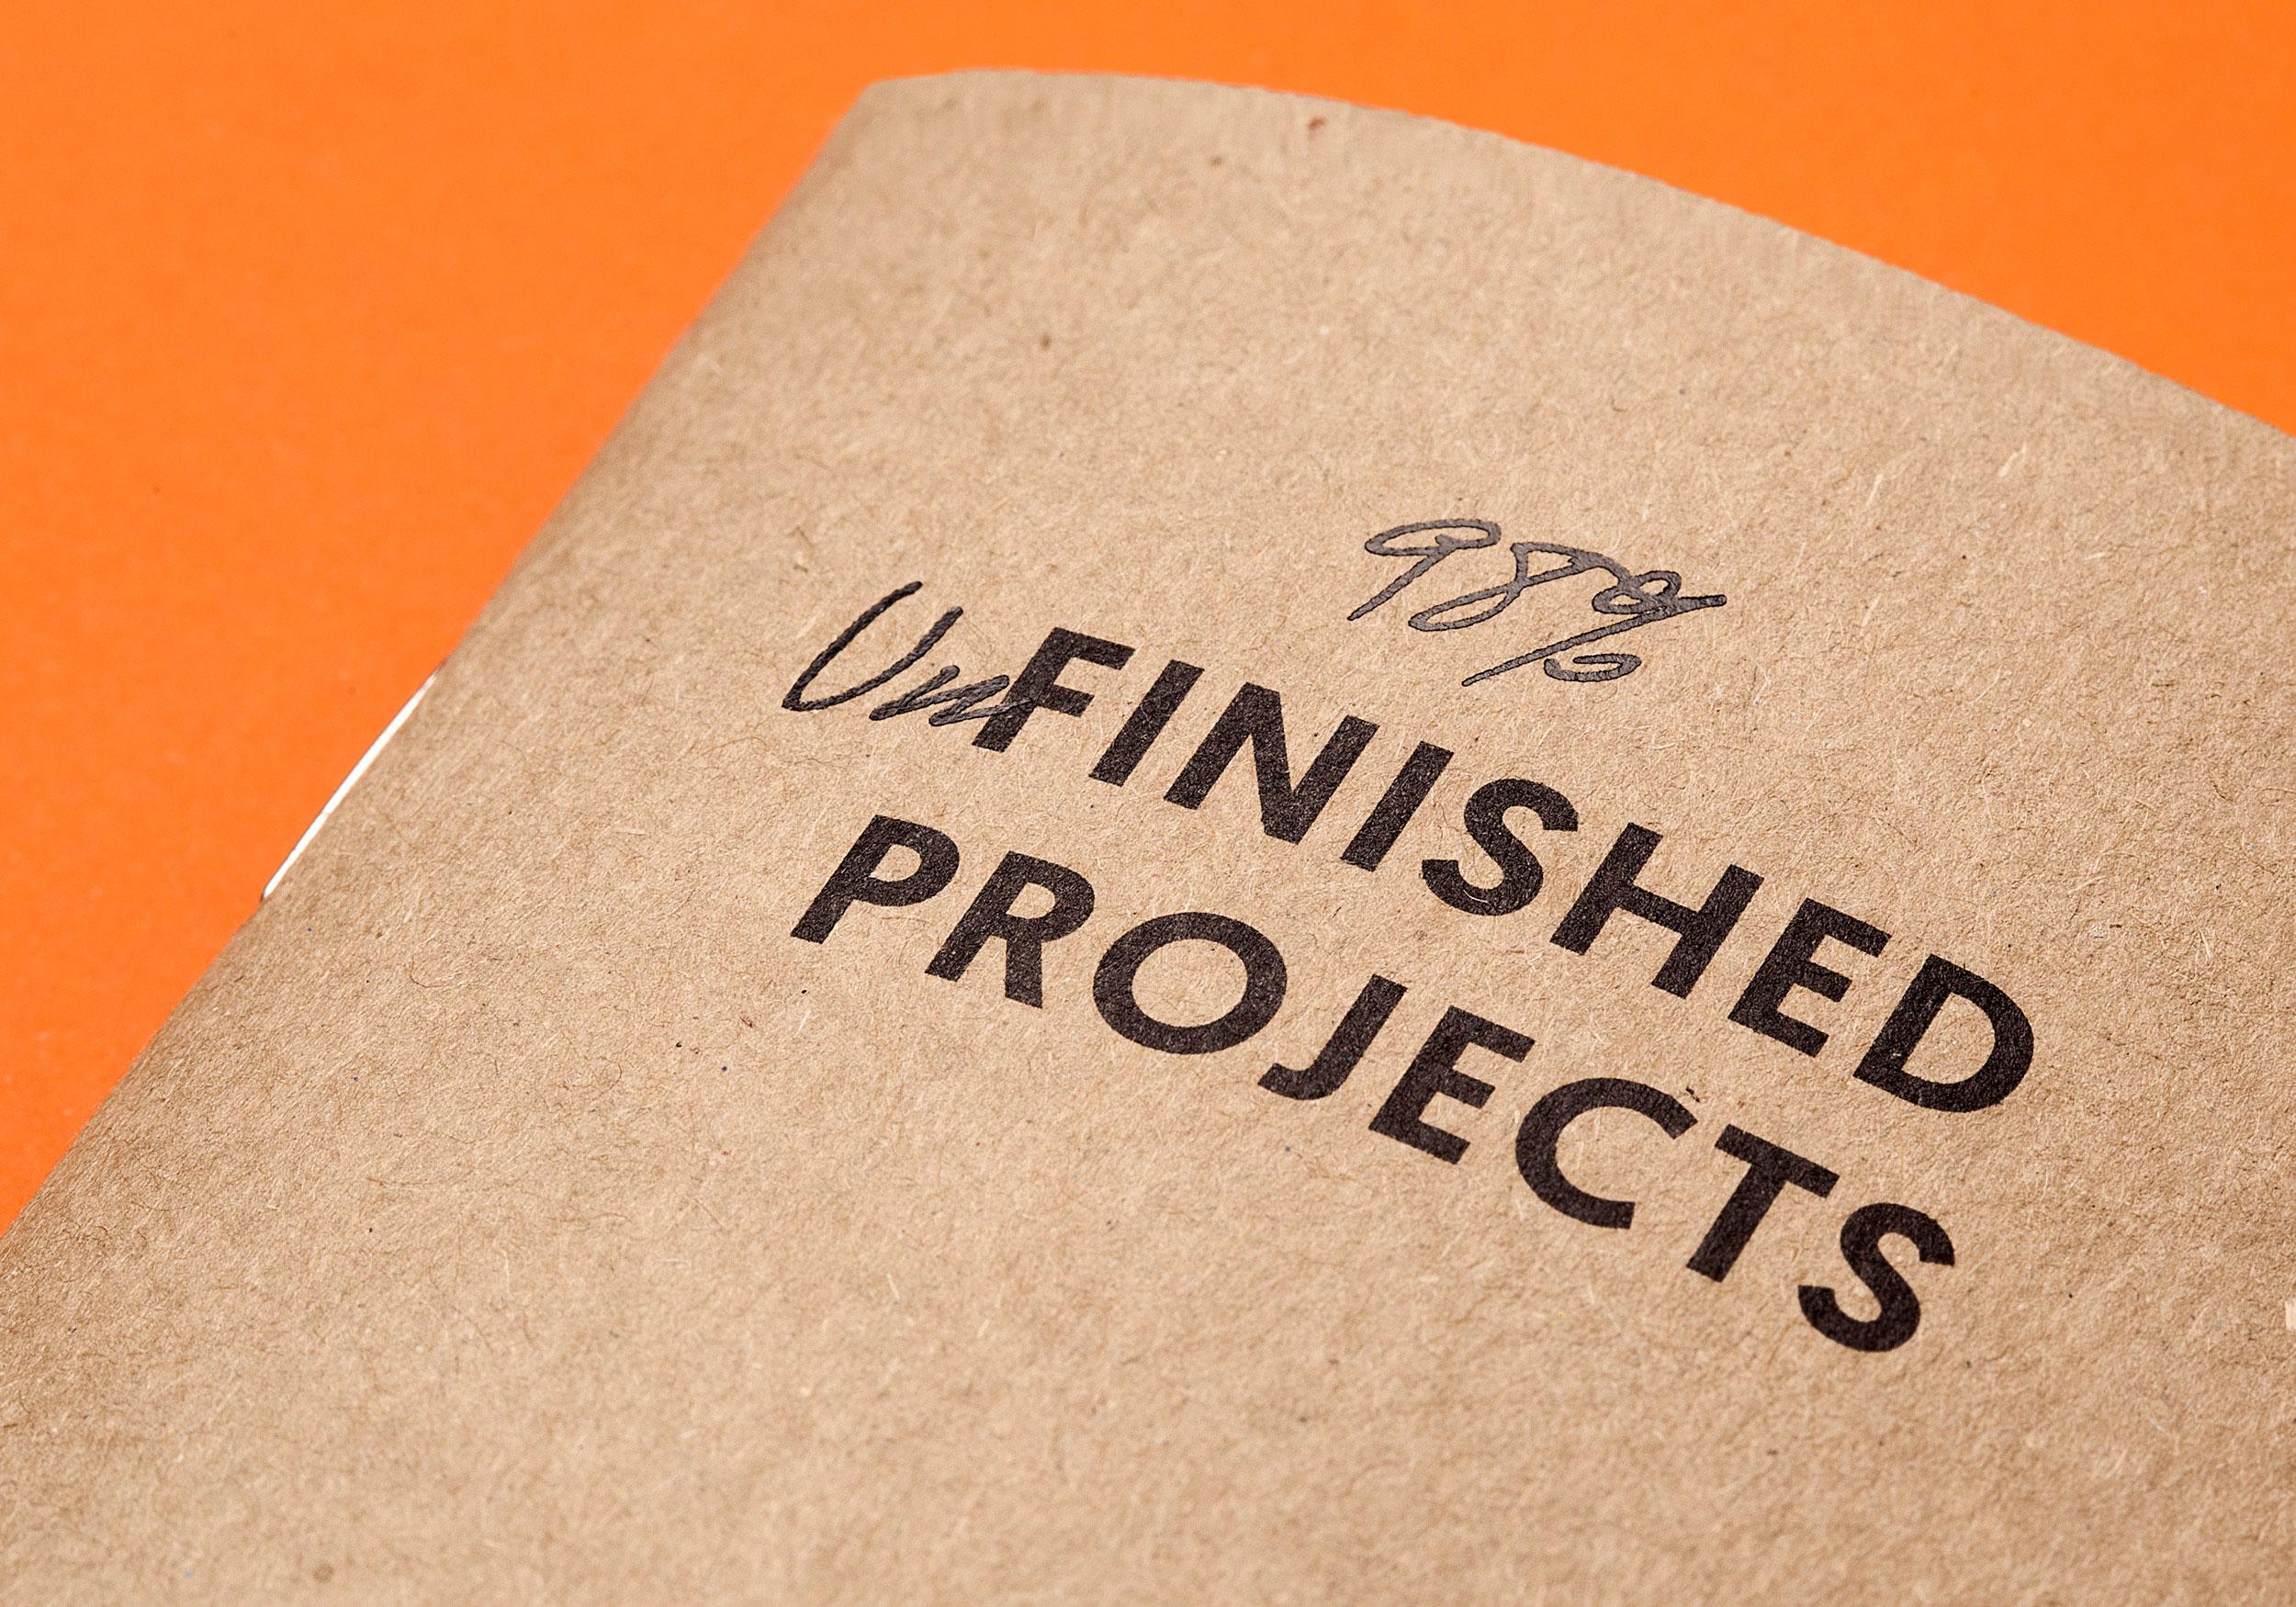 Detalle de cubierta Finished projects con estampación negra de la colección Raw